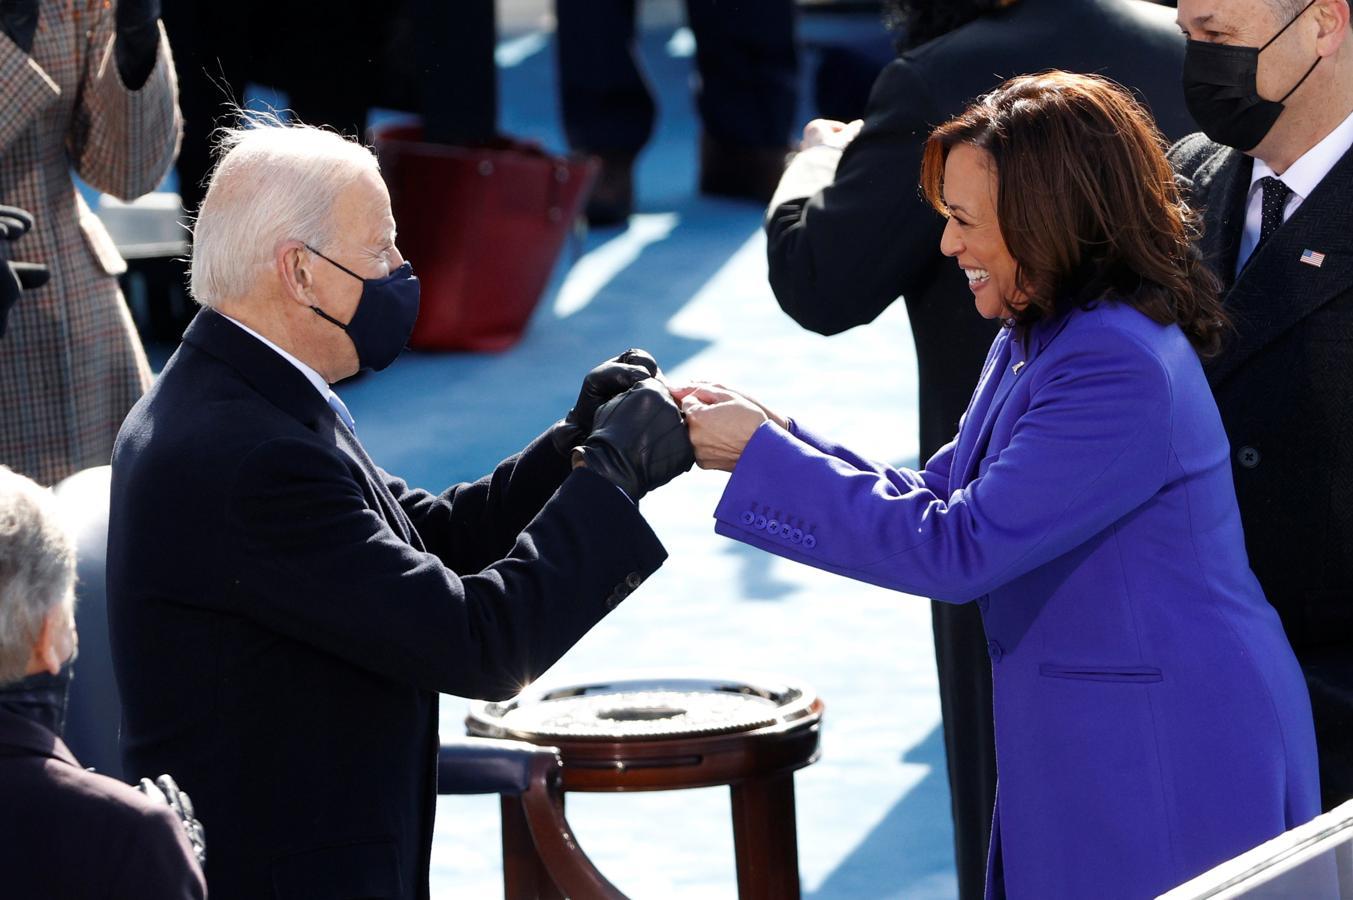 El nuevo presidente de EE.UU., Joe Biden, saluda a la vicepresidenta, Kamala Harris, durante la toma de posesión